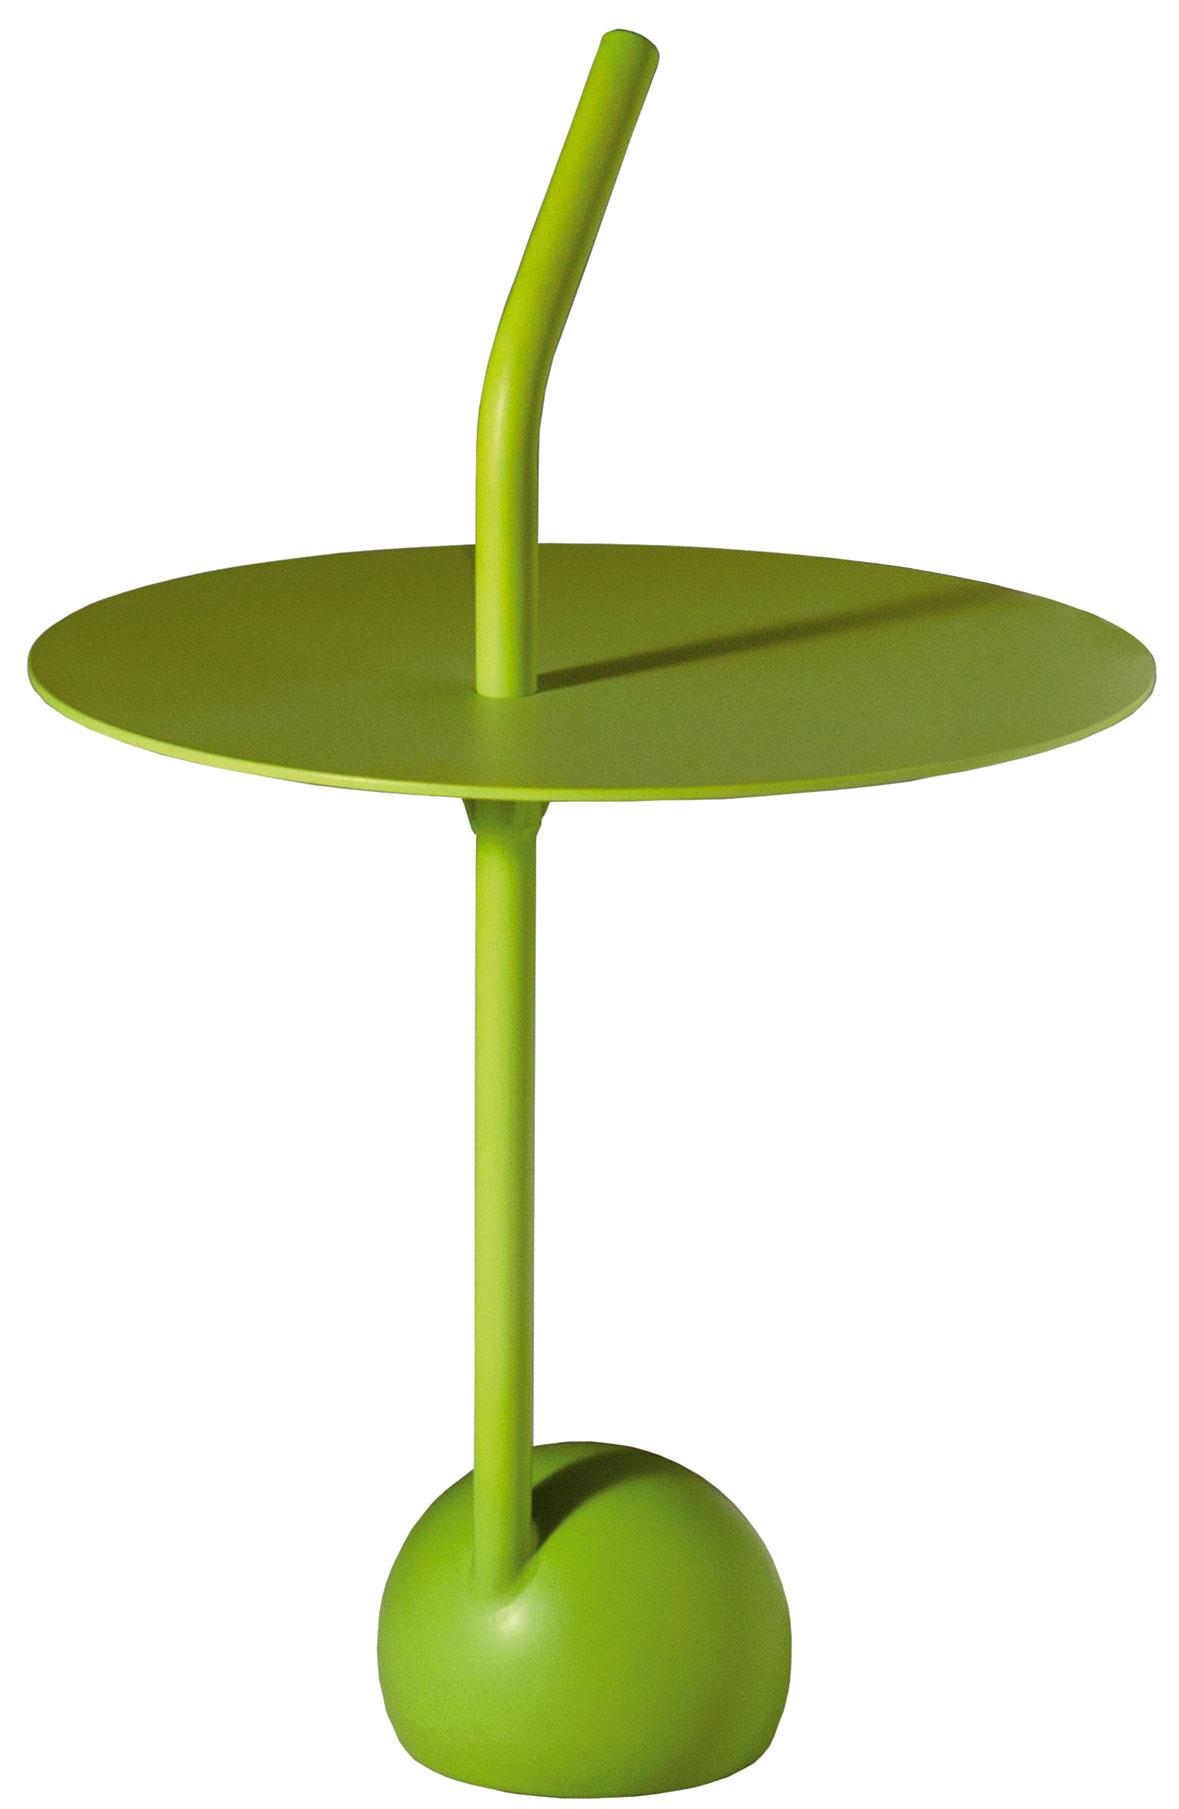 Stolík Peanut od Driade, dizajn Miki Astori, farebný hliník, 78 × 48 cm, 502 €, Konsepti